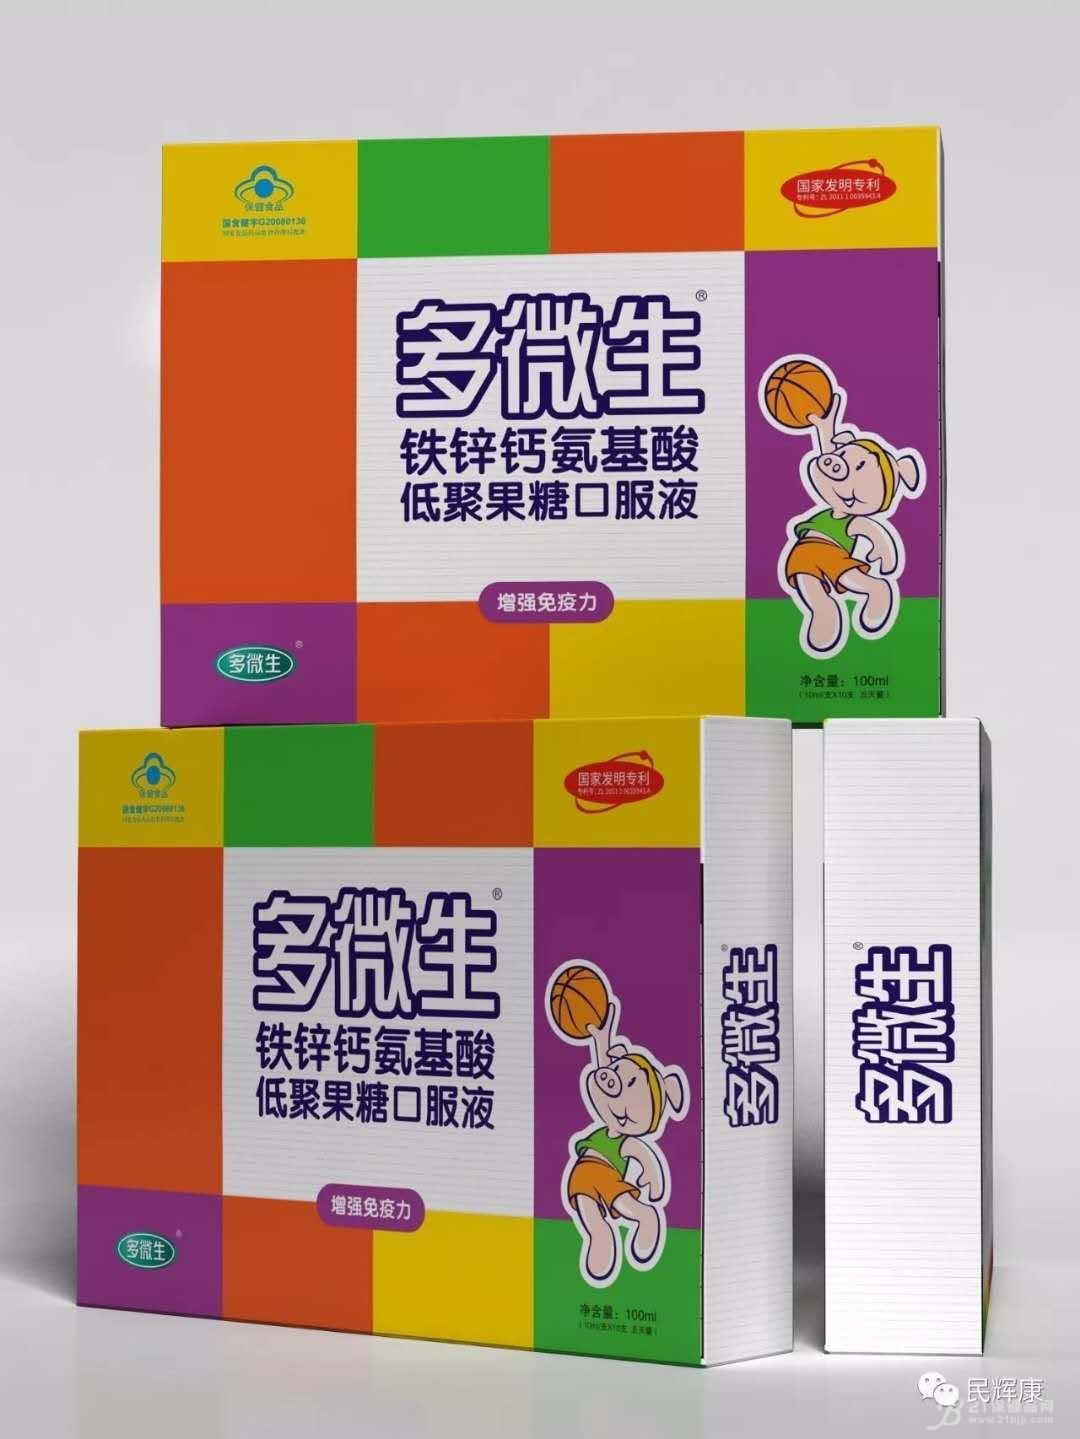 多微生铁锌钙氨基酸低聚果糖口服液(专利产品区域控销)